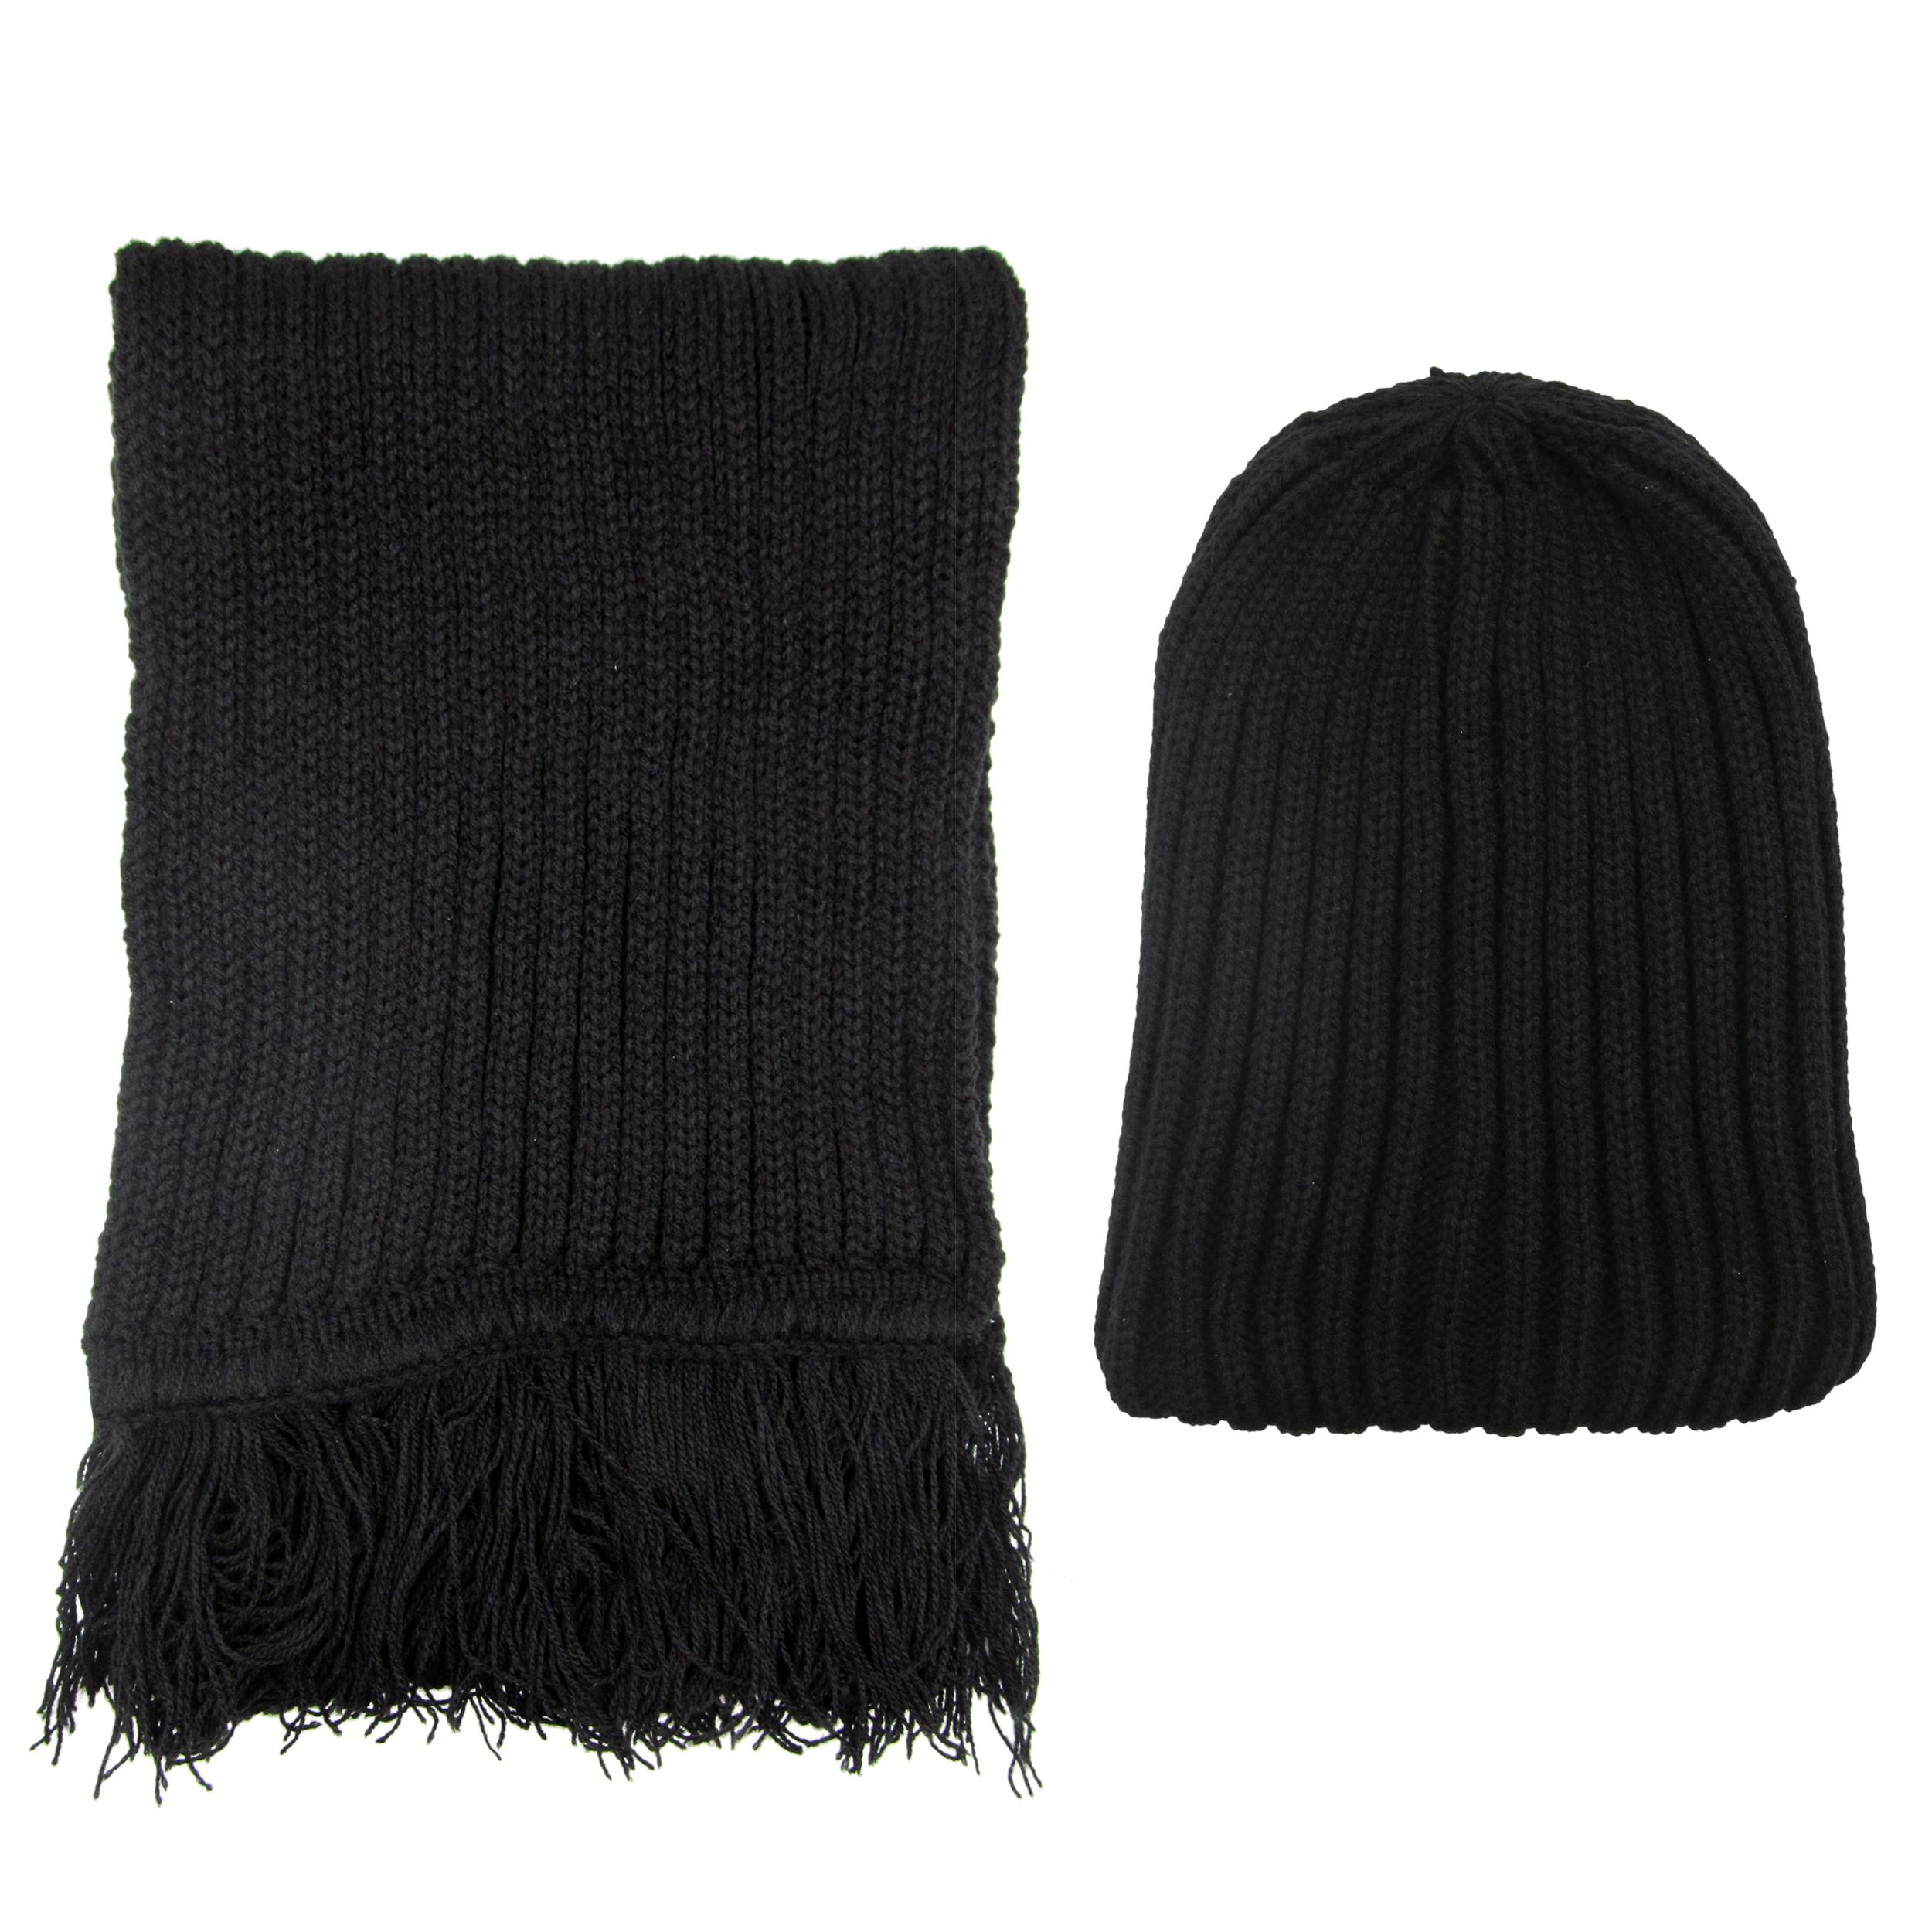 ست کلاه و شال گردن بافتنی مردانه کد 1597